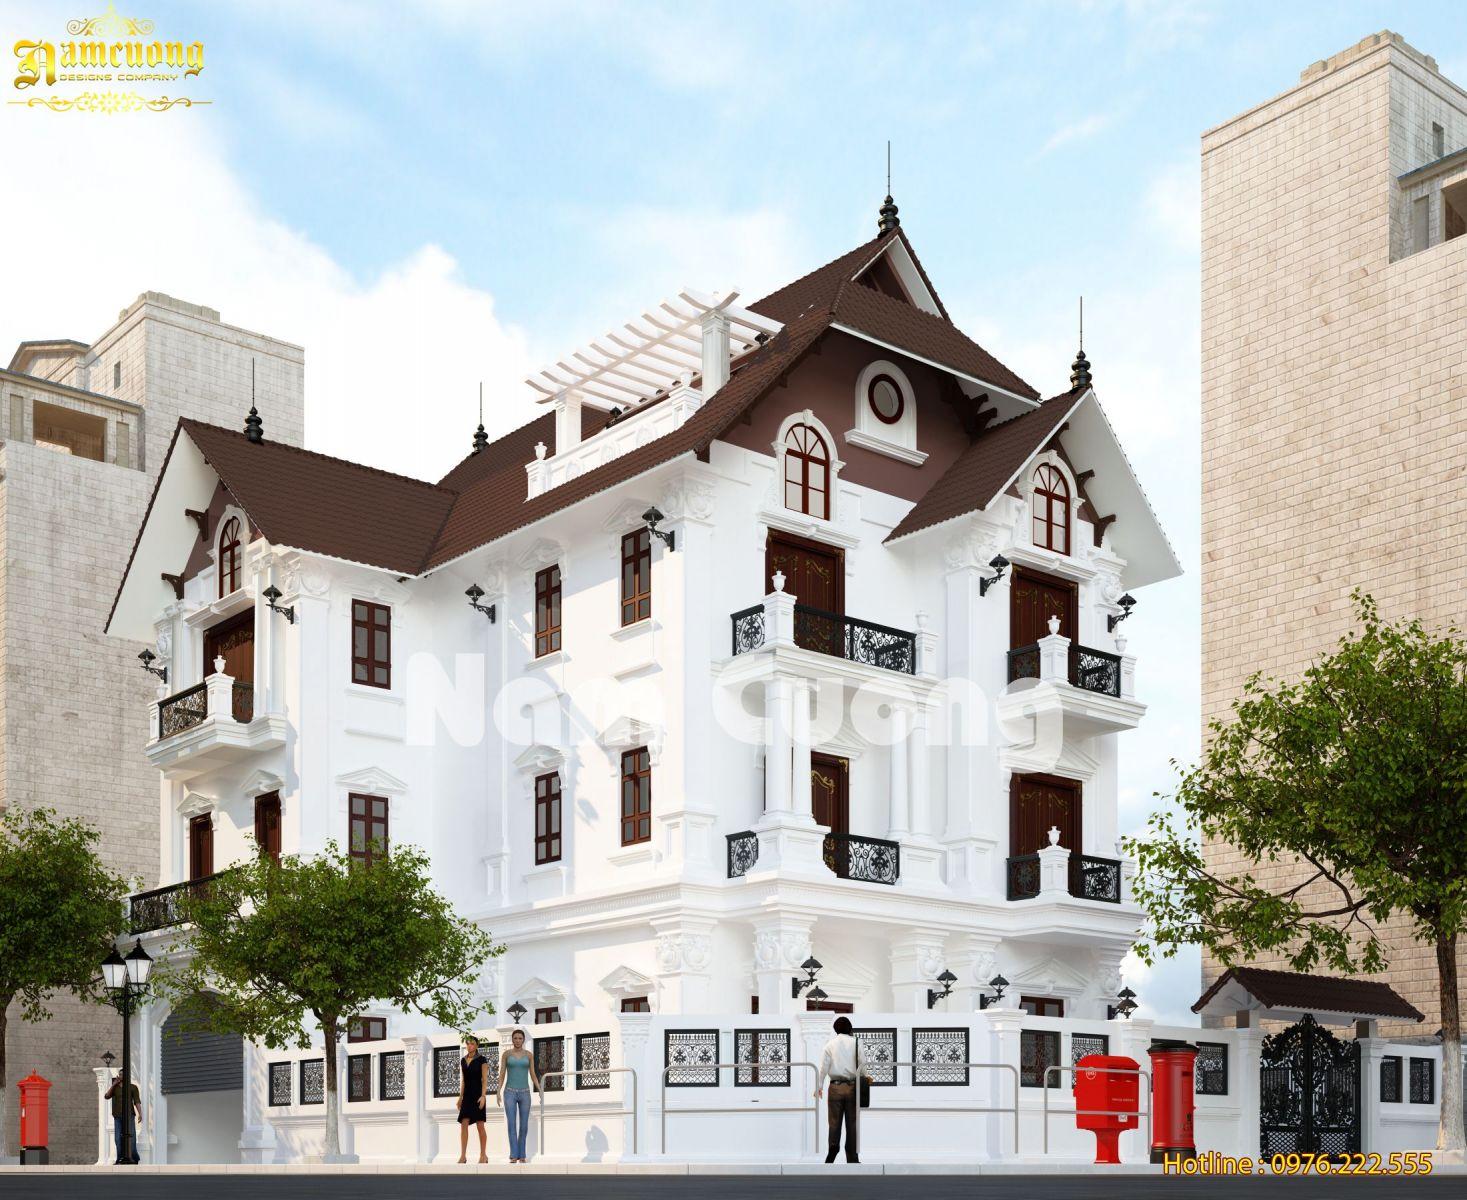 Thiết kế kiến trúc biệt thự tân cổ điển 3 tầng - BTTCD 016